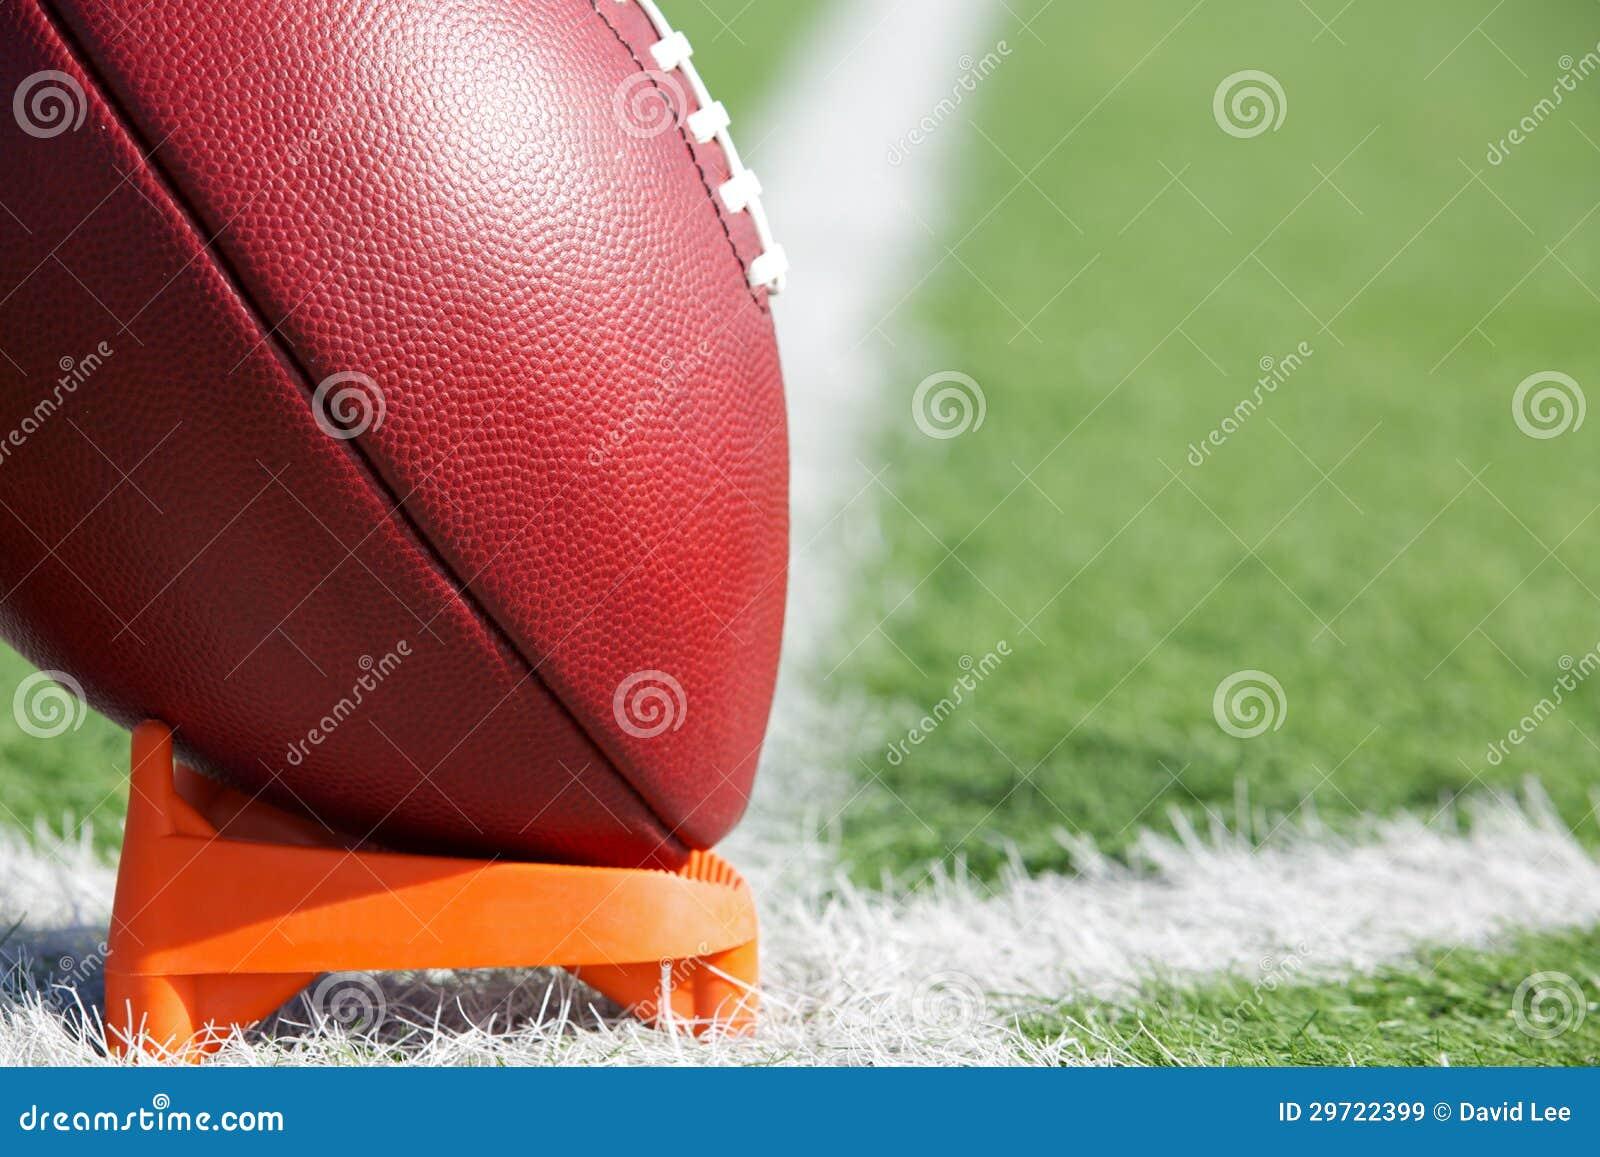 Fútbol americano juntado con te para arriba para el saque de centro